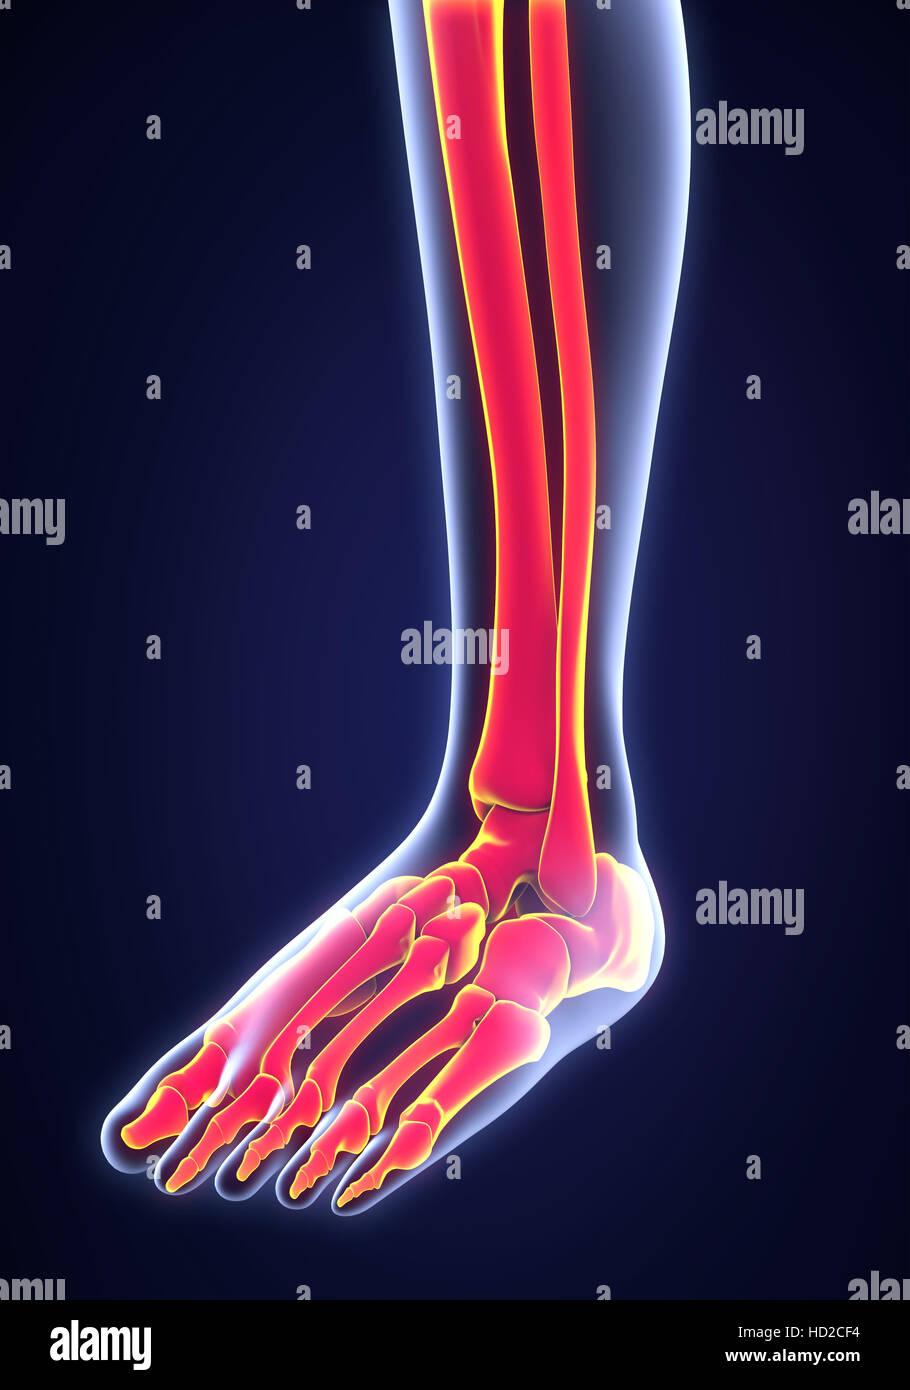 Anatomie des menschlichen Fußes Stockfoto, Bild: 128516840 - Alamy